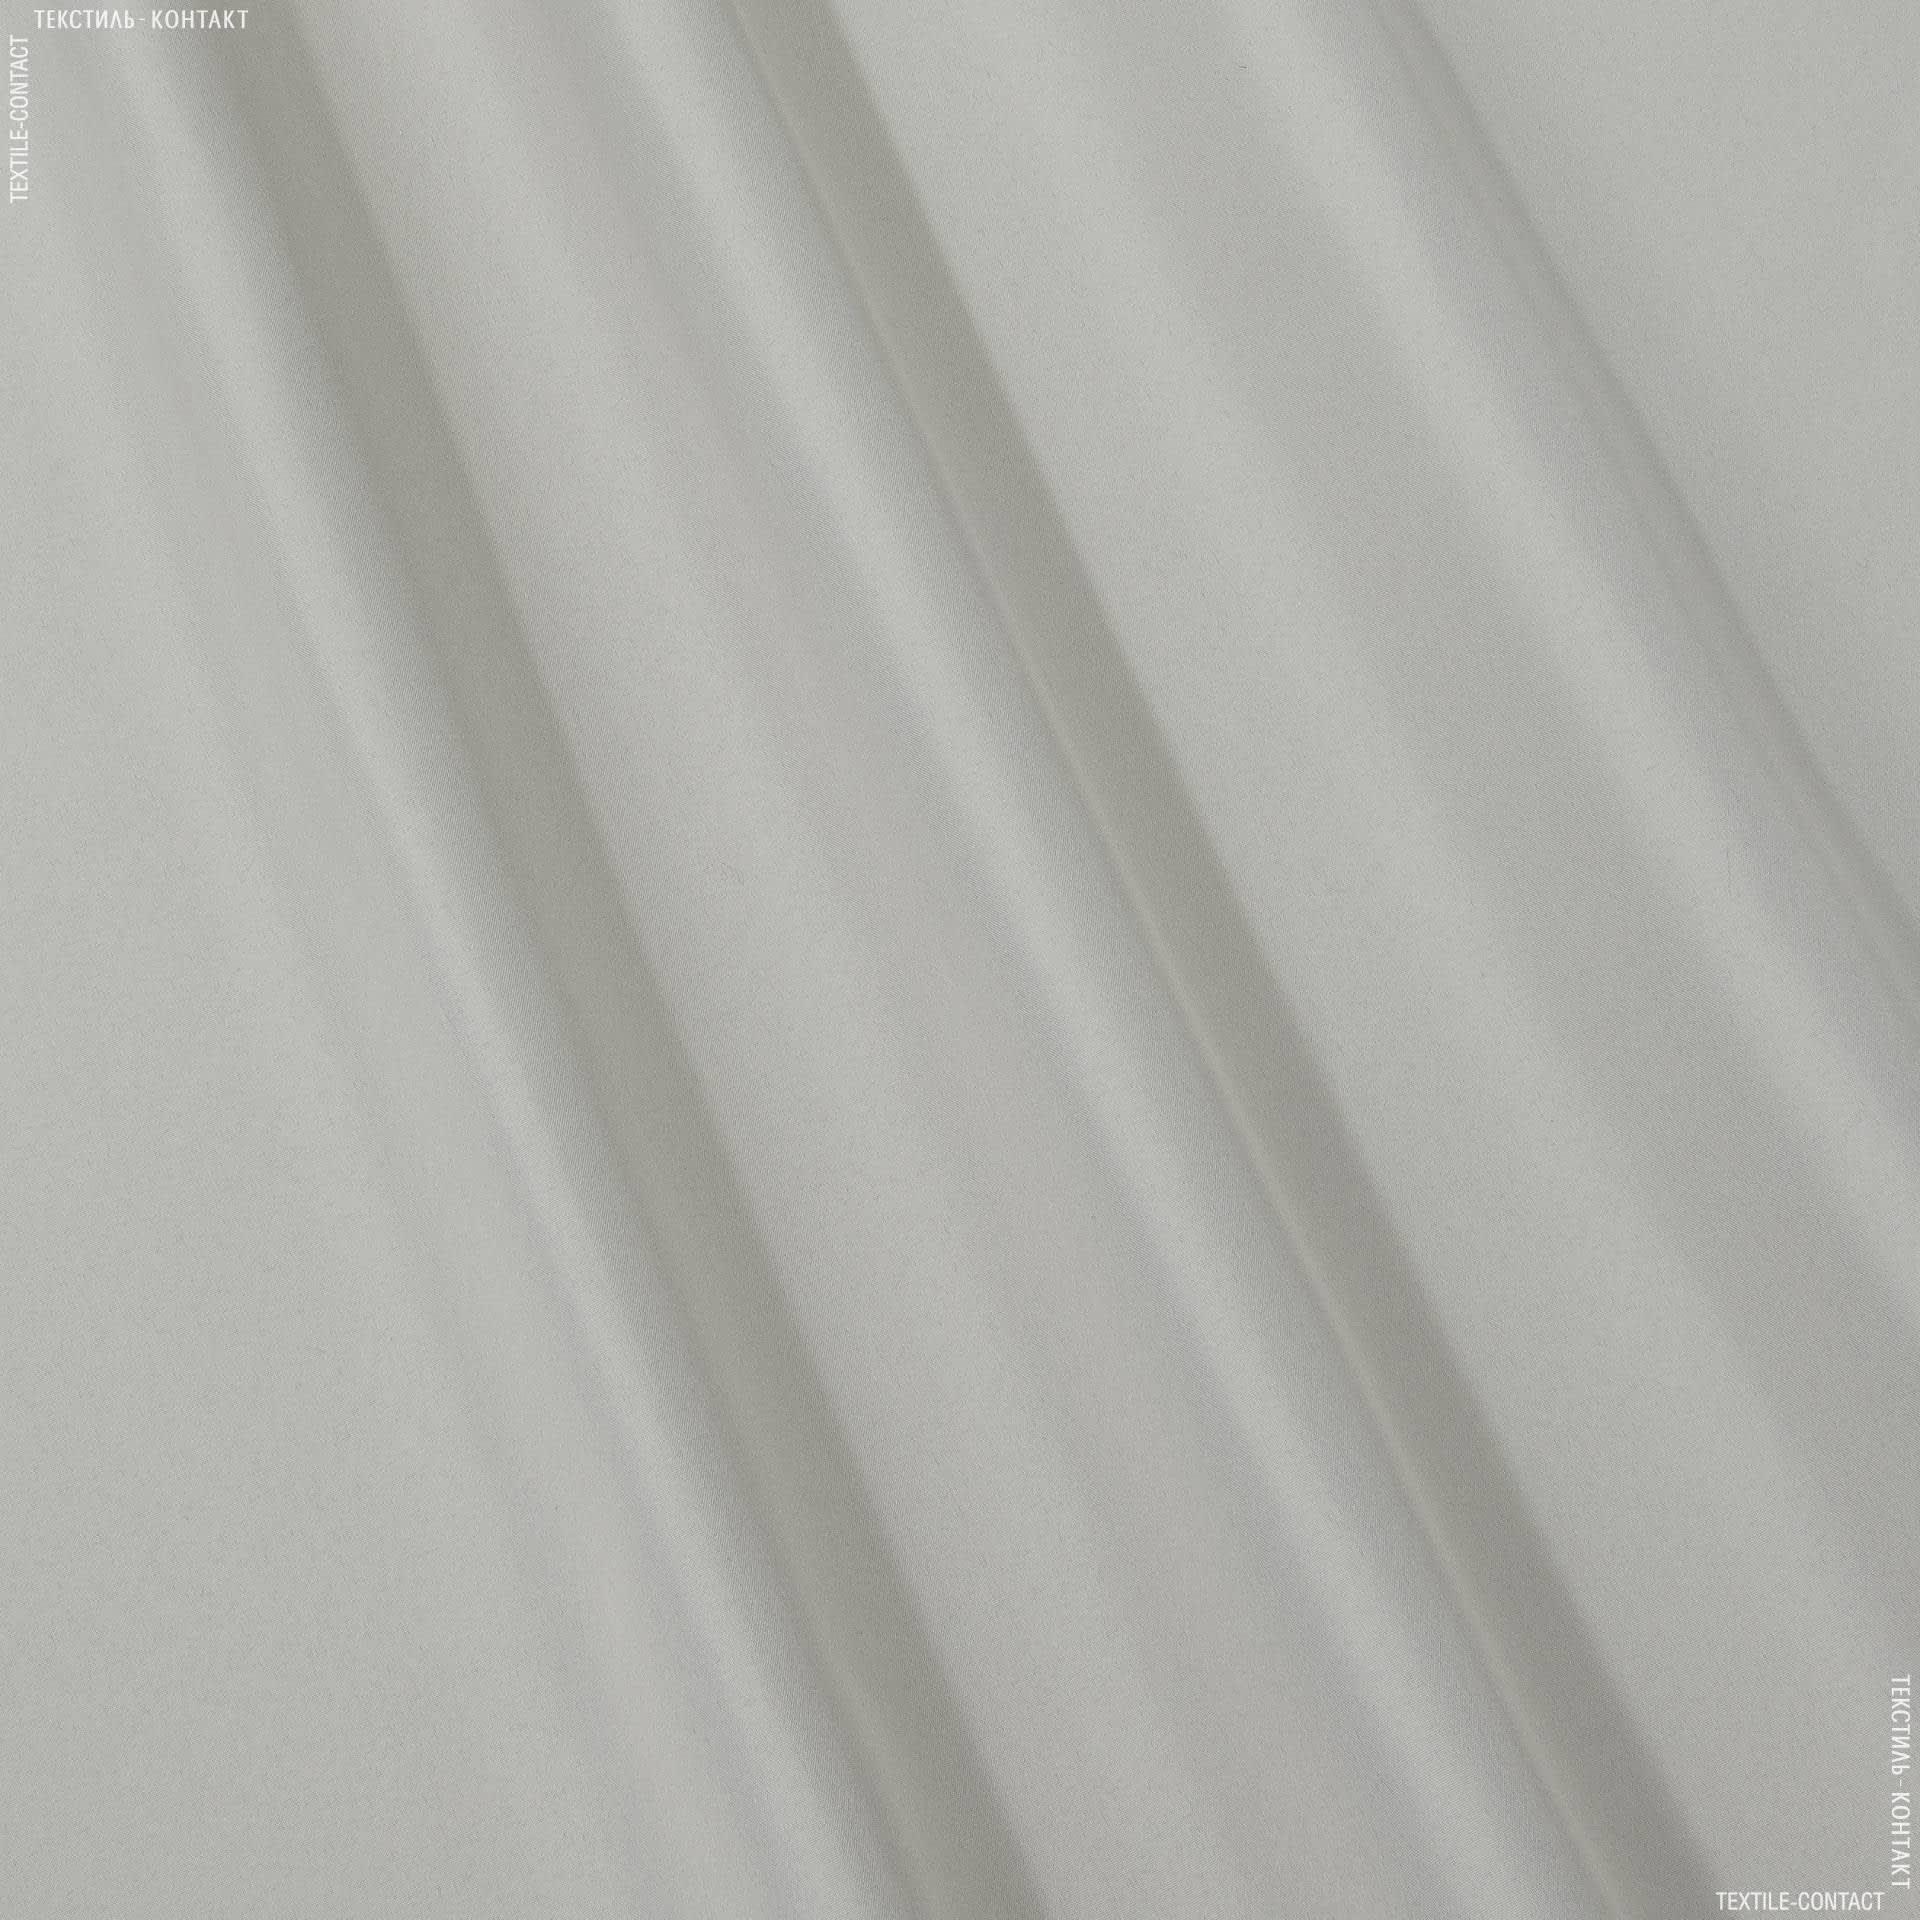 Ткани для верхней одежды - Плащевая бондинг серо-бежевый